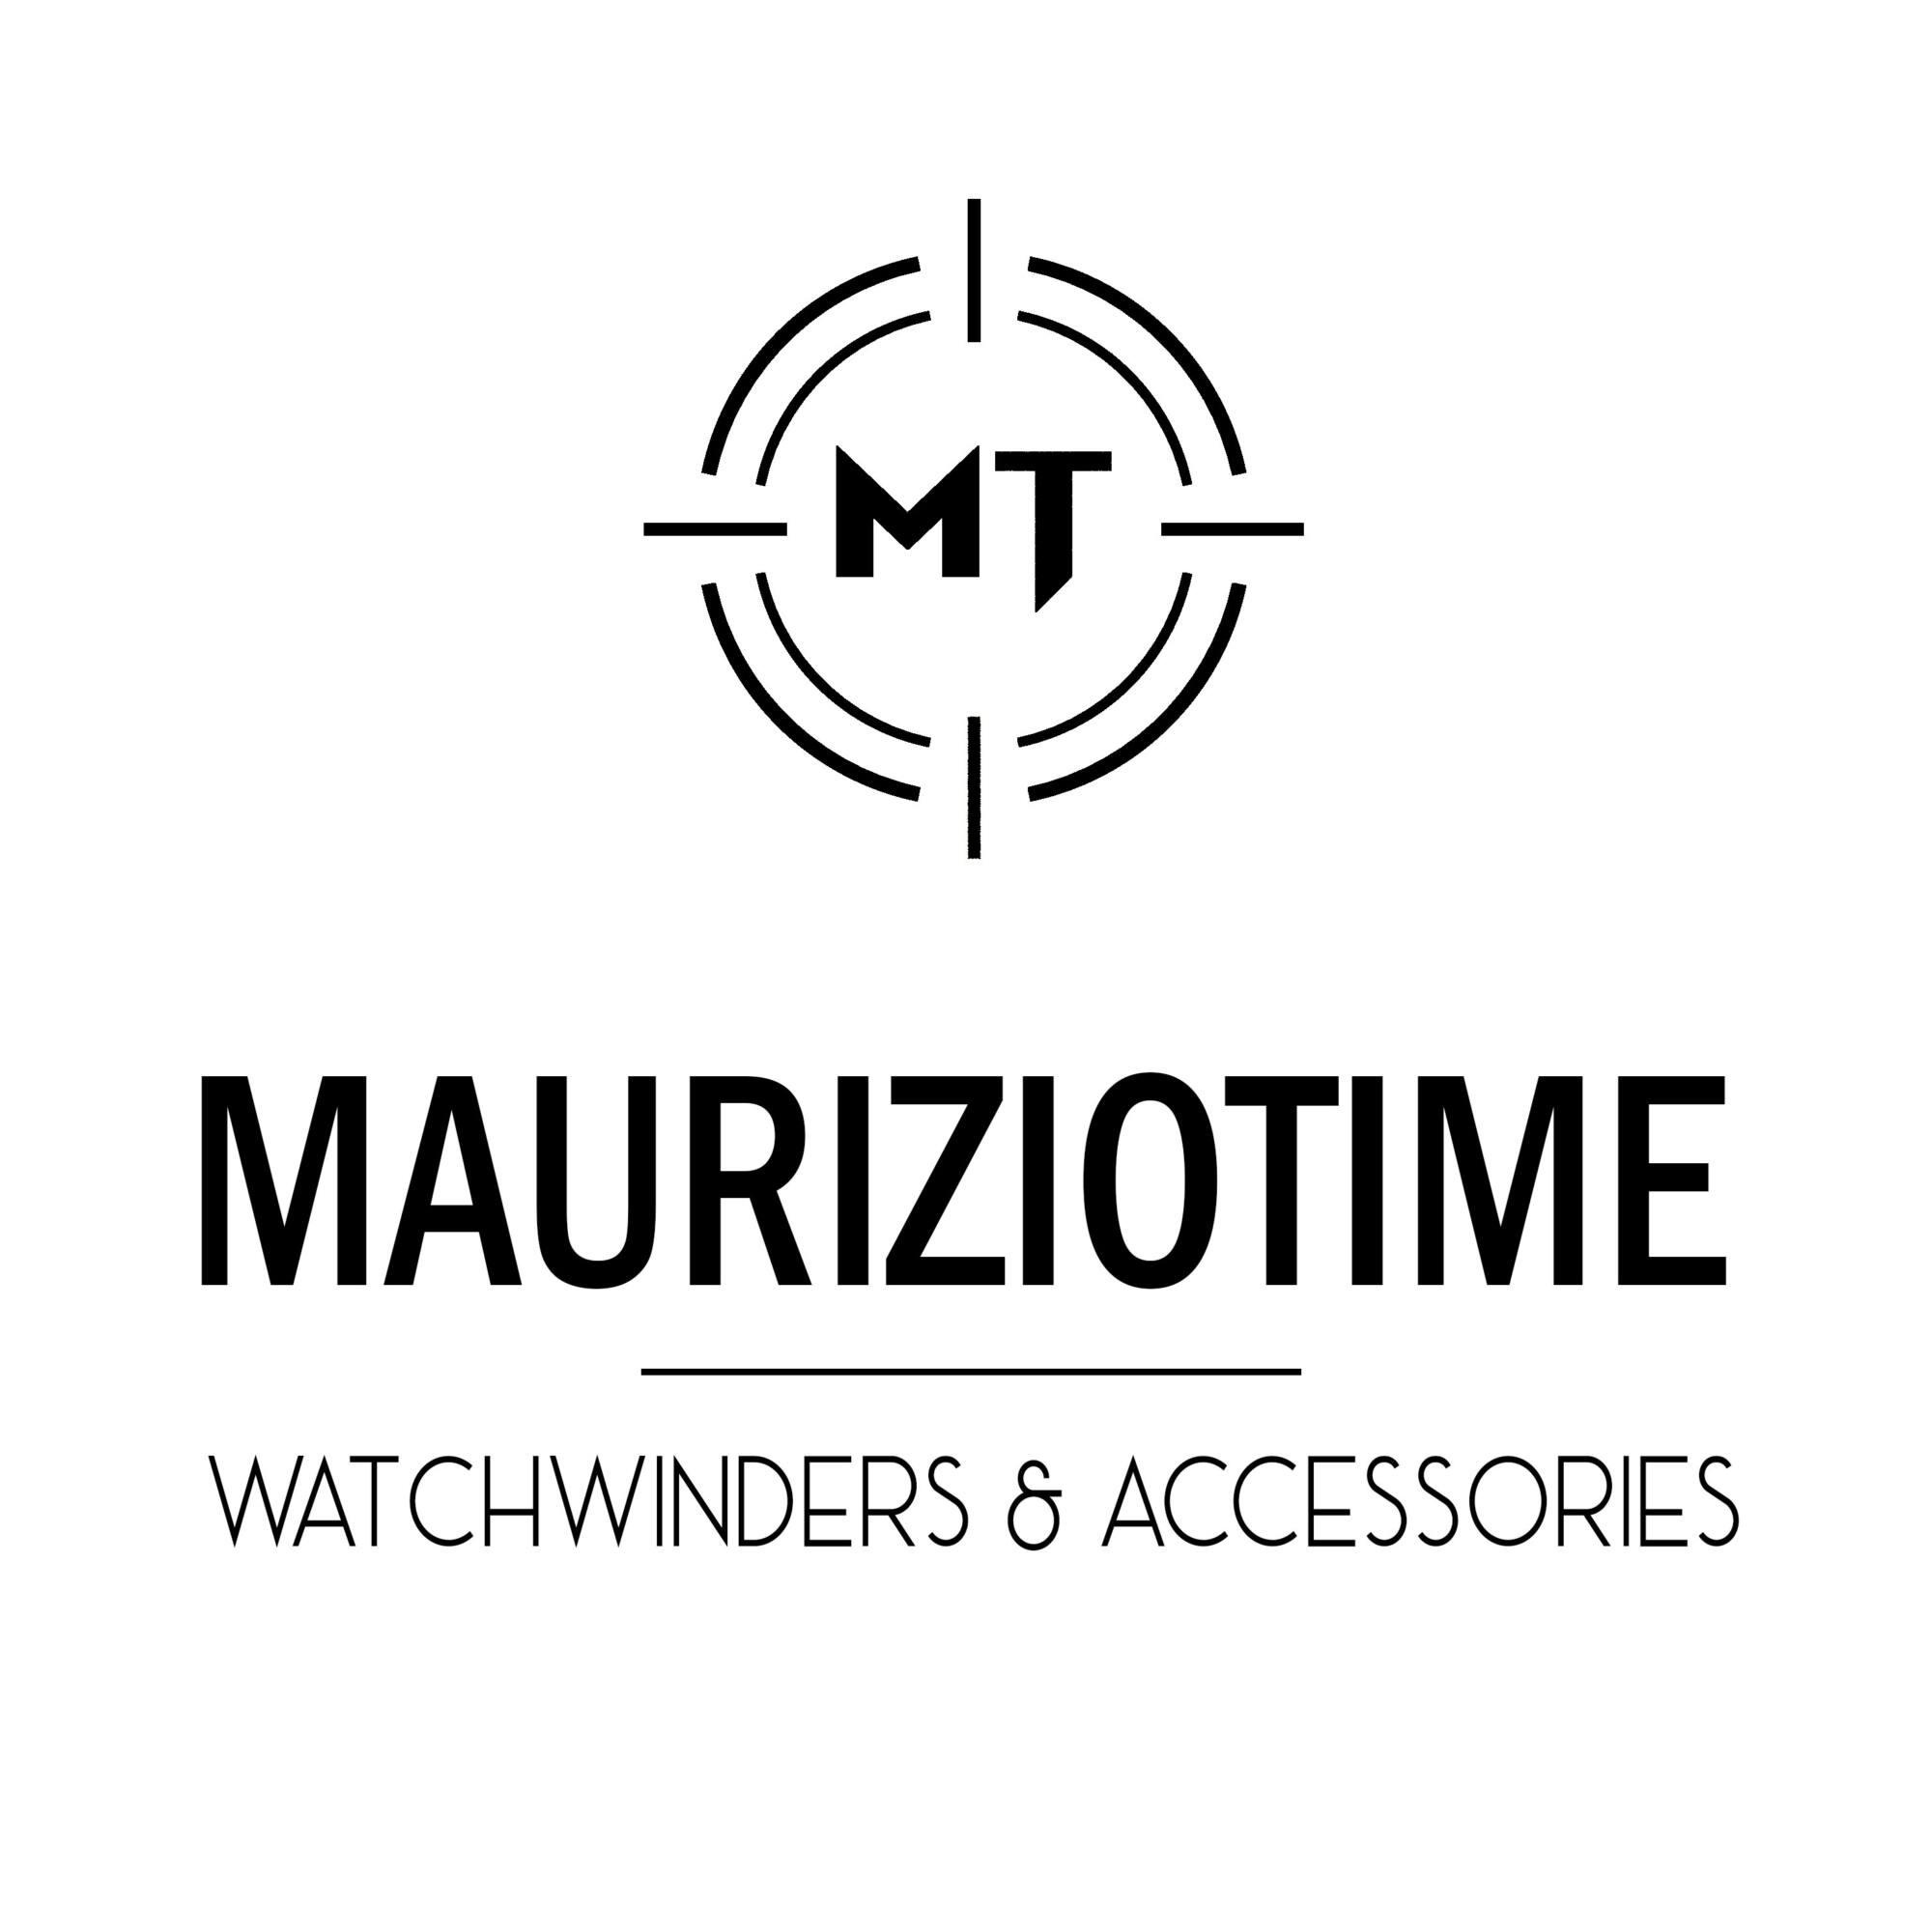 Maurizio Time Watch Winders - MondaniWeb